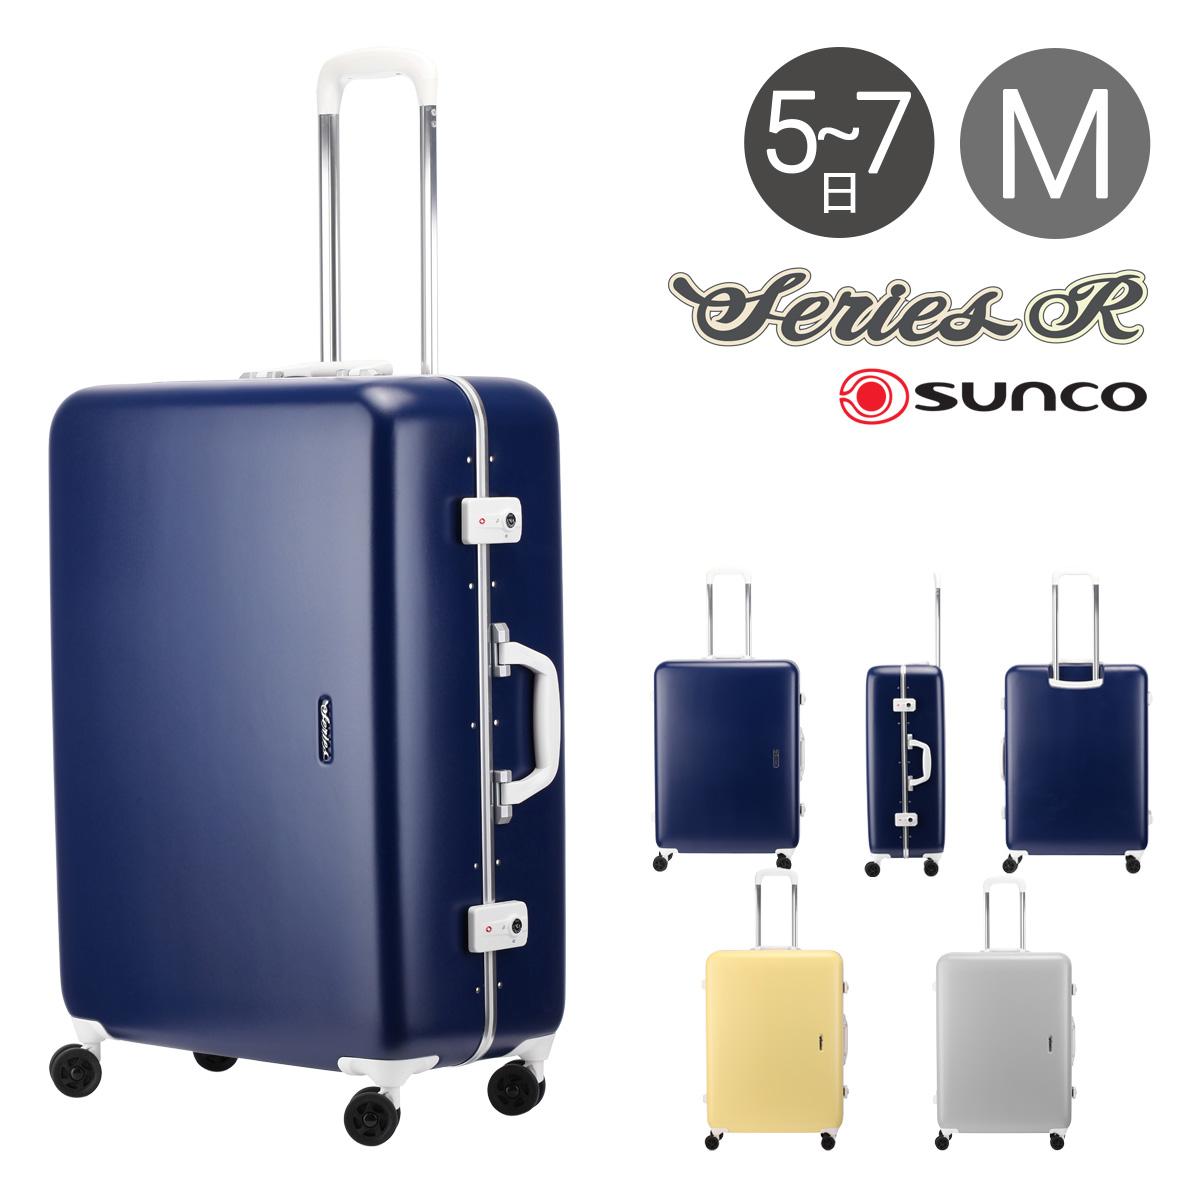 サンコー スーツケース|75L 66cm 5.2kg SERR-66|軽量 ハード フレーム|SUNCO|静音 TSAロック搭載 HINOMOTO おしゃれ キャリーバッグ キャリーケース[PO10][bef][即日発送]